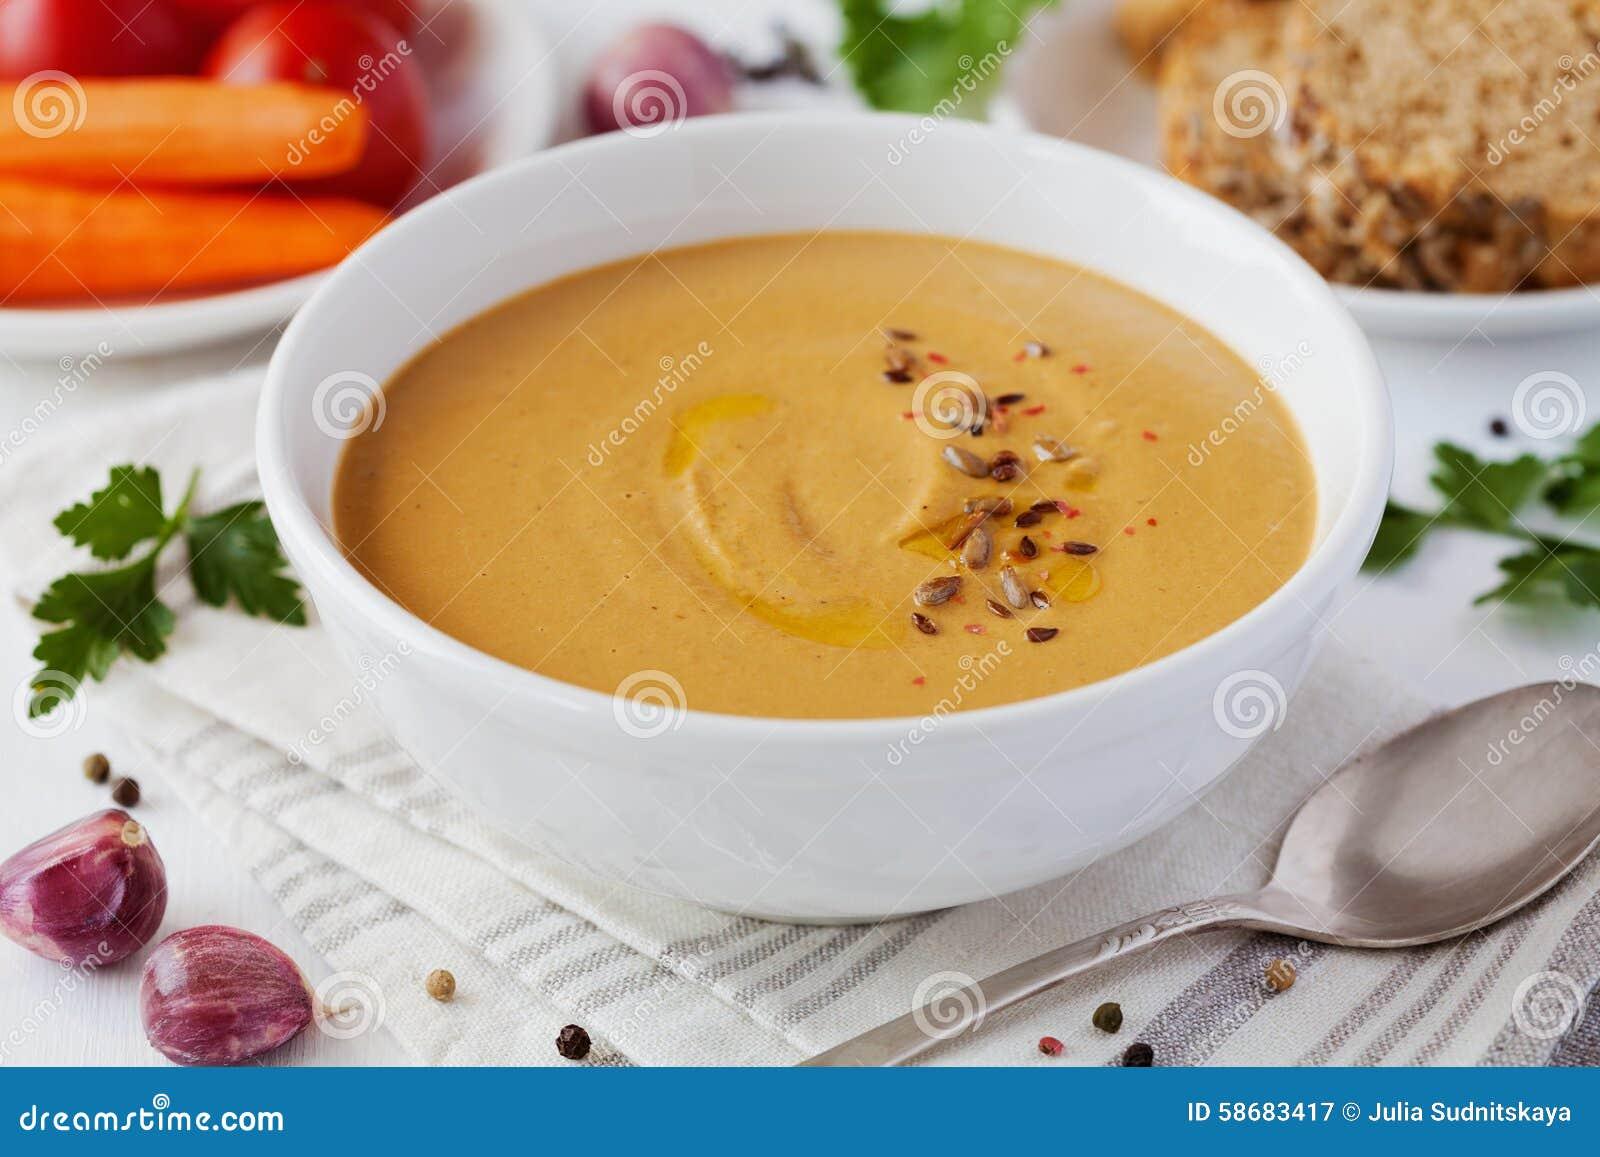 Soupe crème végétale végétarienne avec l aubergine et les carottes dans la cuvette blanche sur la table en bois